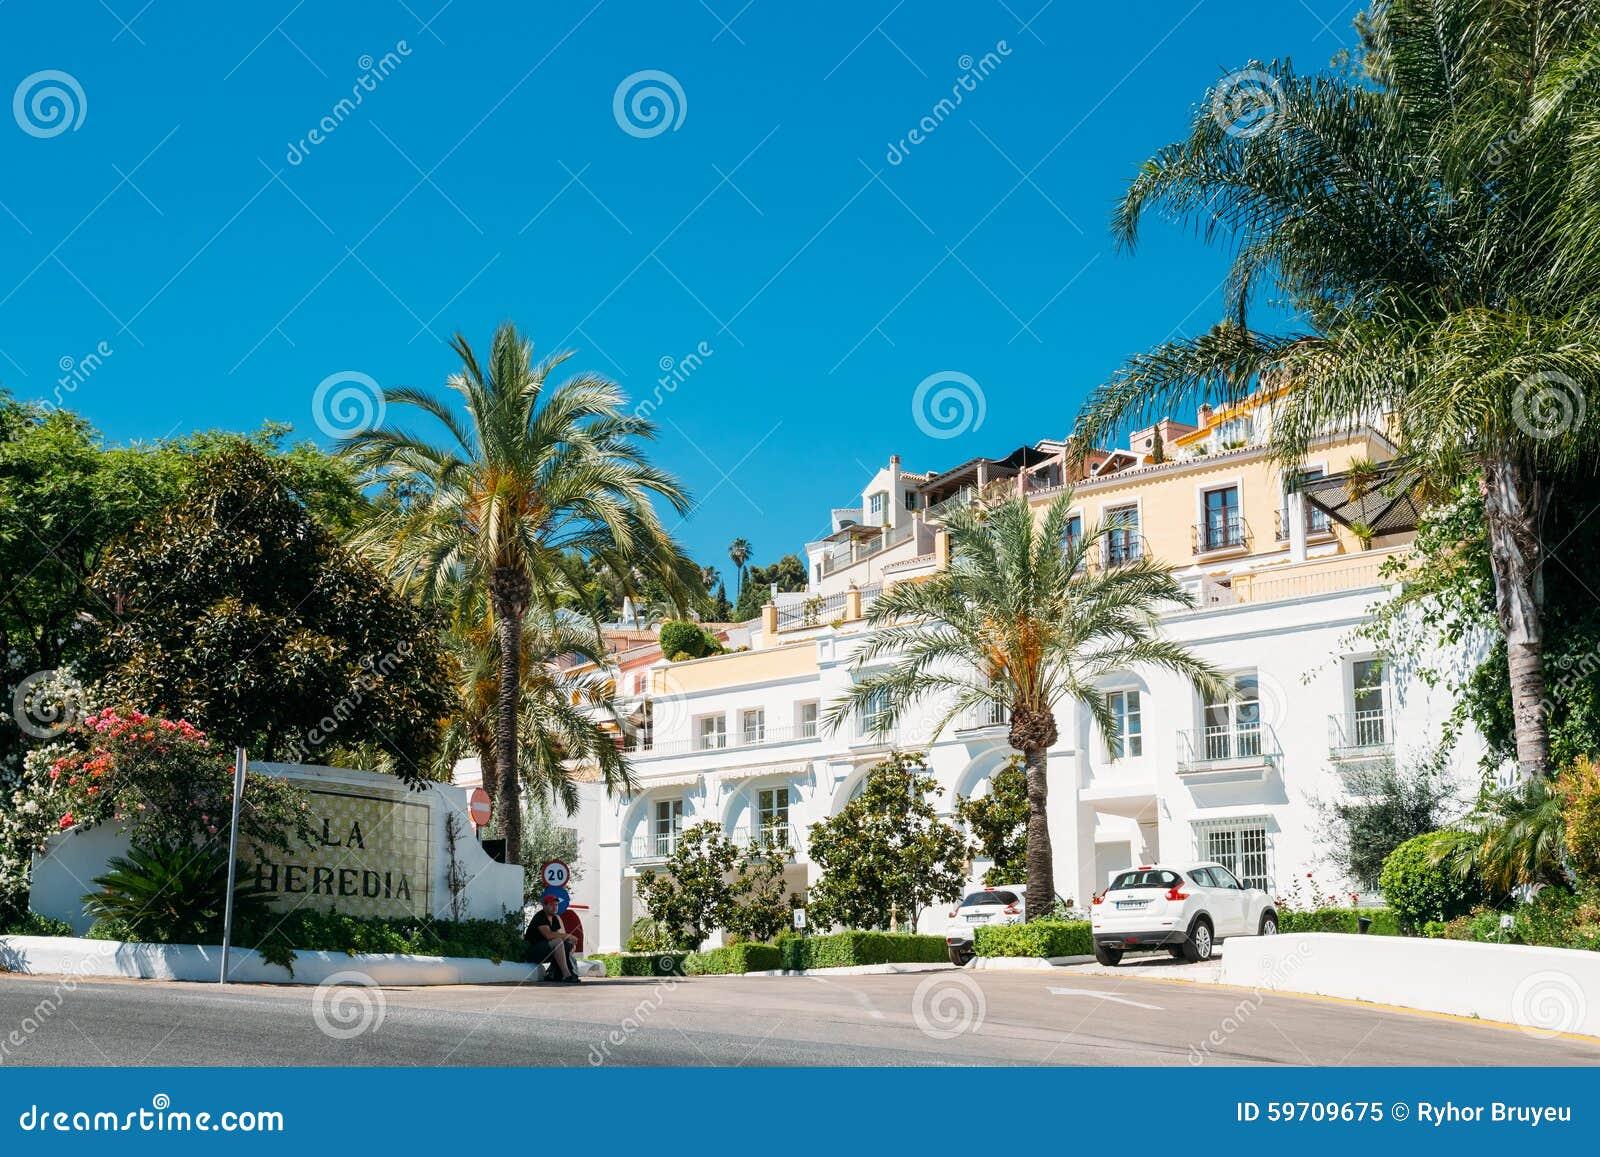 Rehabilitiertes Haus In Malaga Region Andalusien Redaktionelles